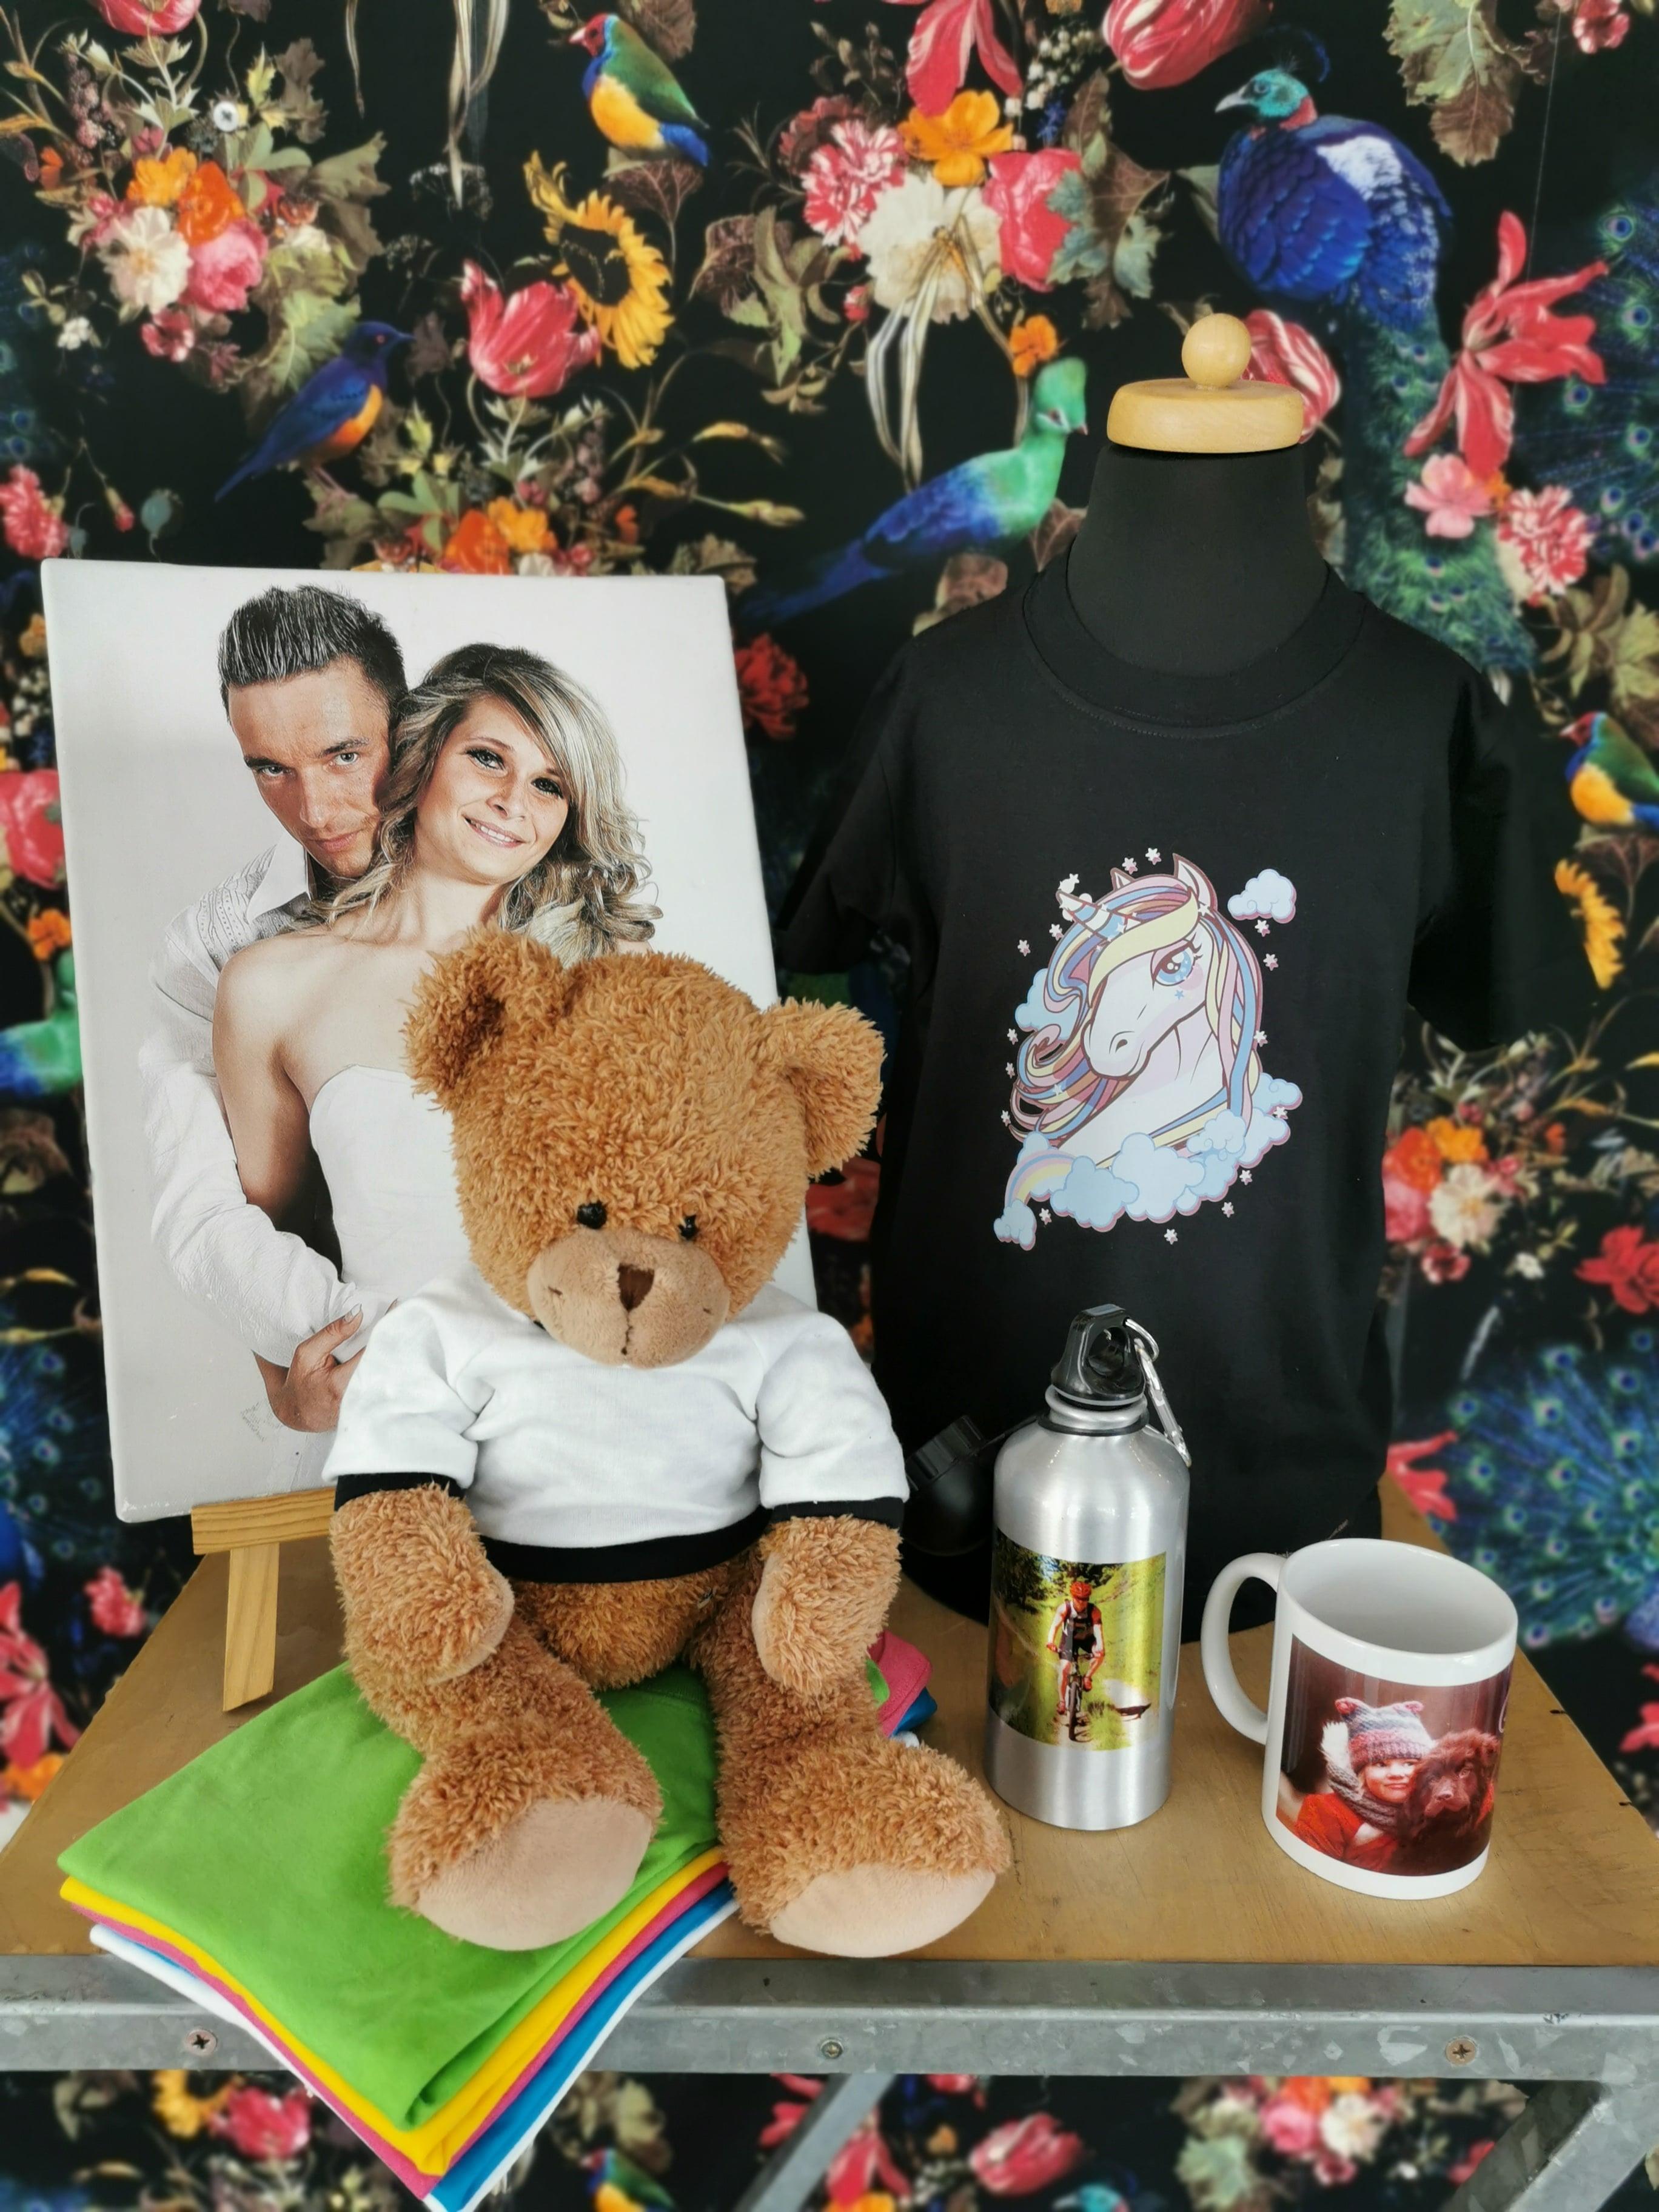 Das ganz persönliche T-Shirt für jedermann - Linda Daheim - Druckerin in Wuppertal